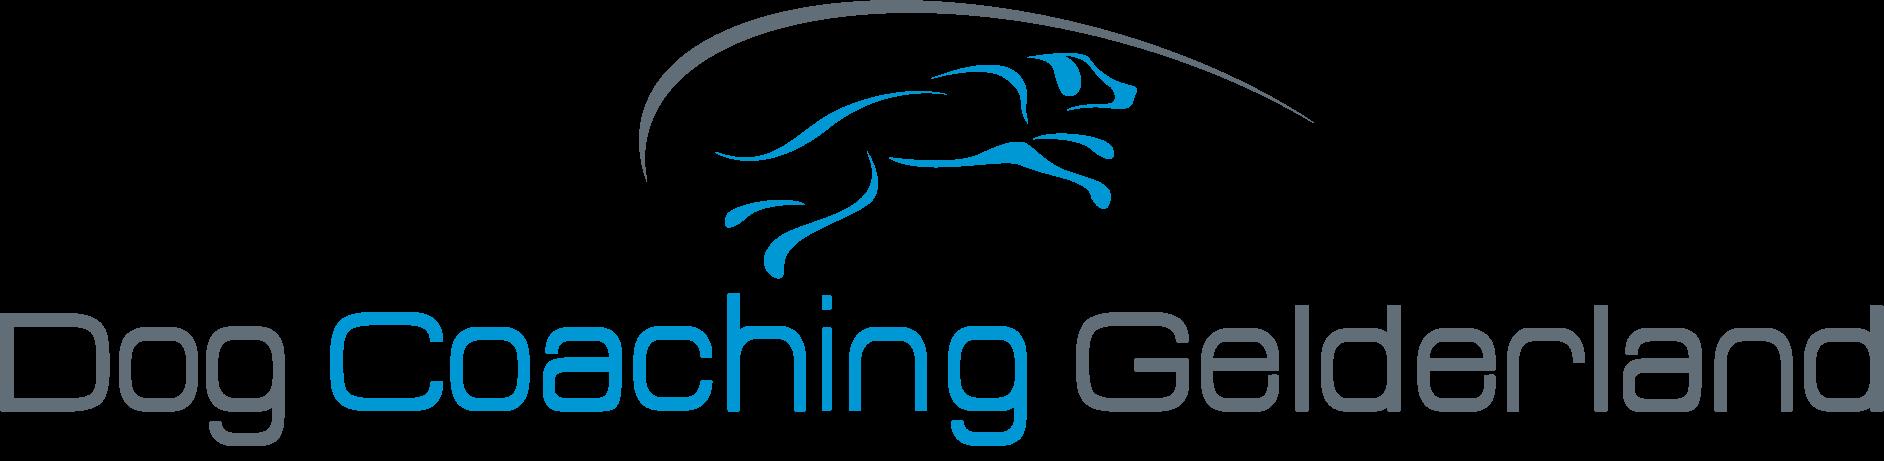 dog coaching gelderland